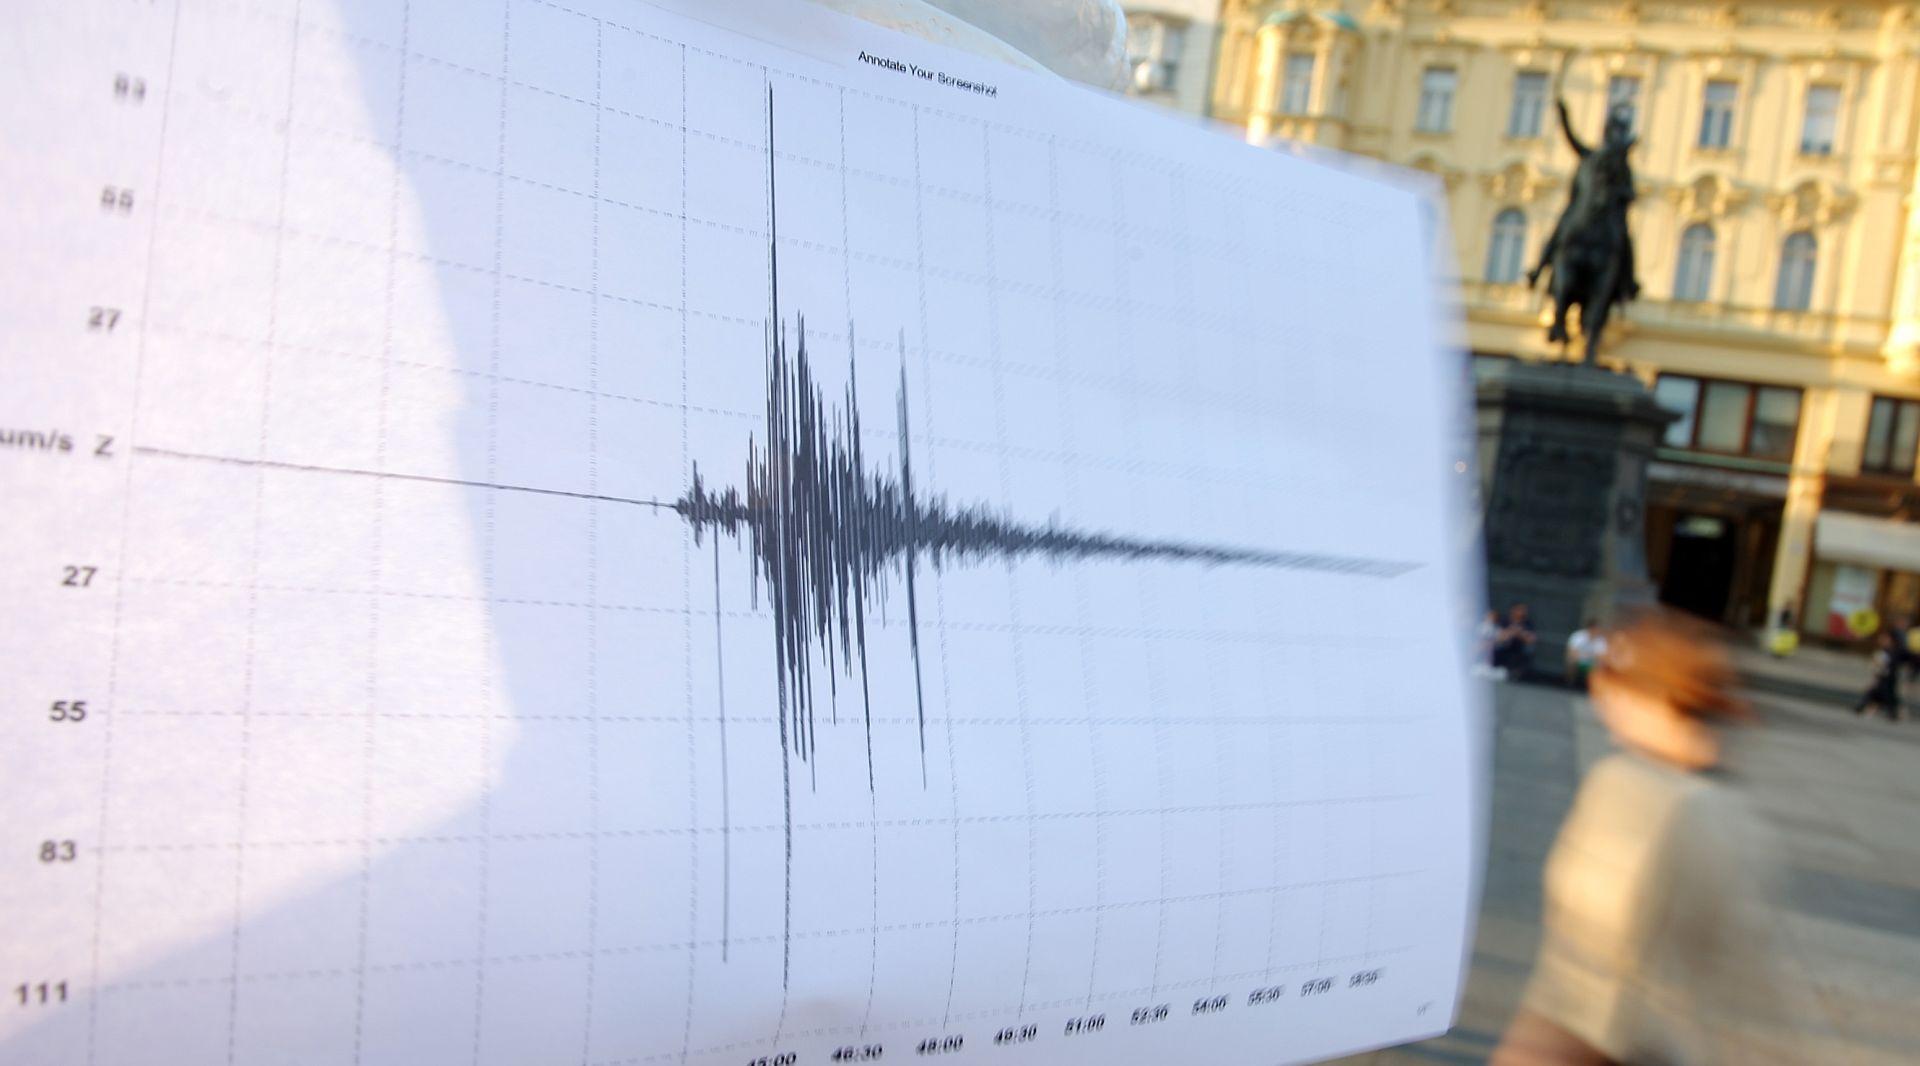 Seizmološka služba RH: Potres kod Brežica umjeren, 3,6 prema Richteru